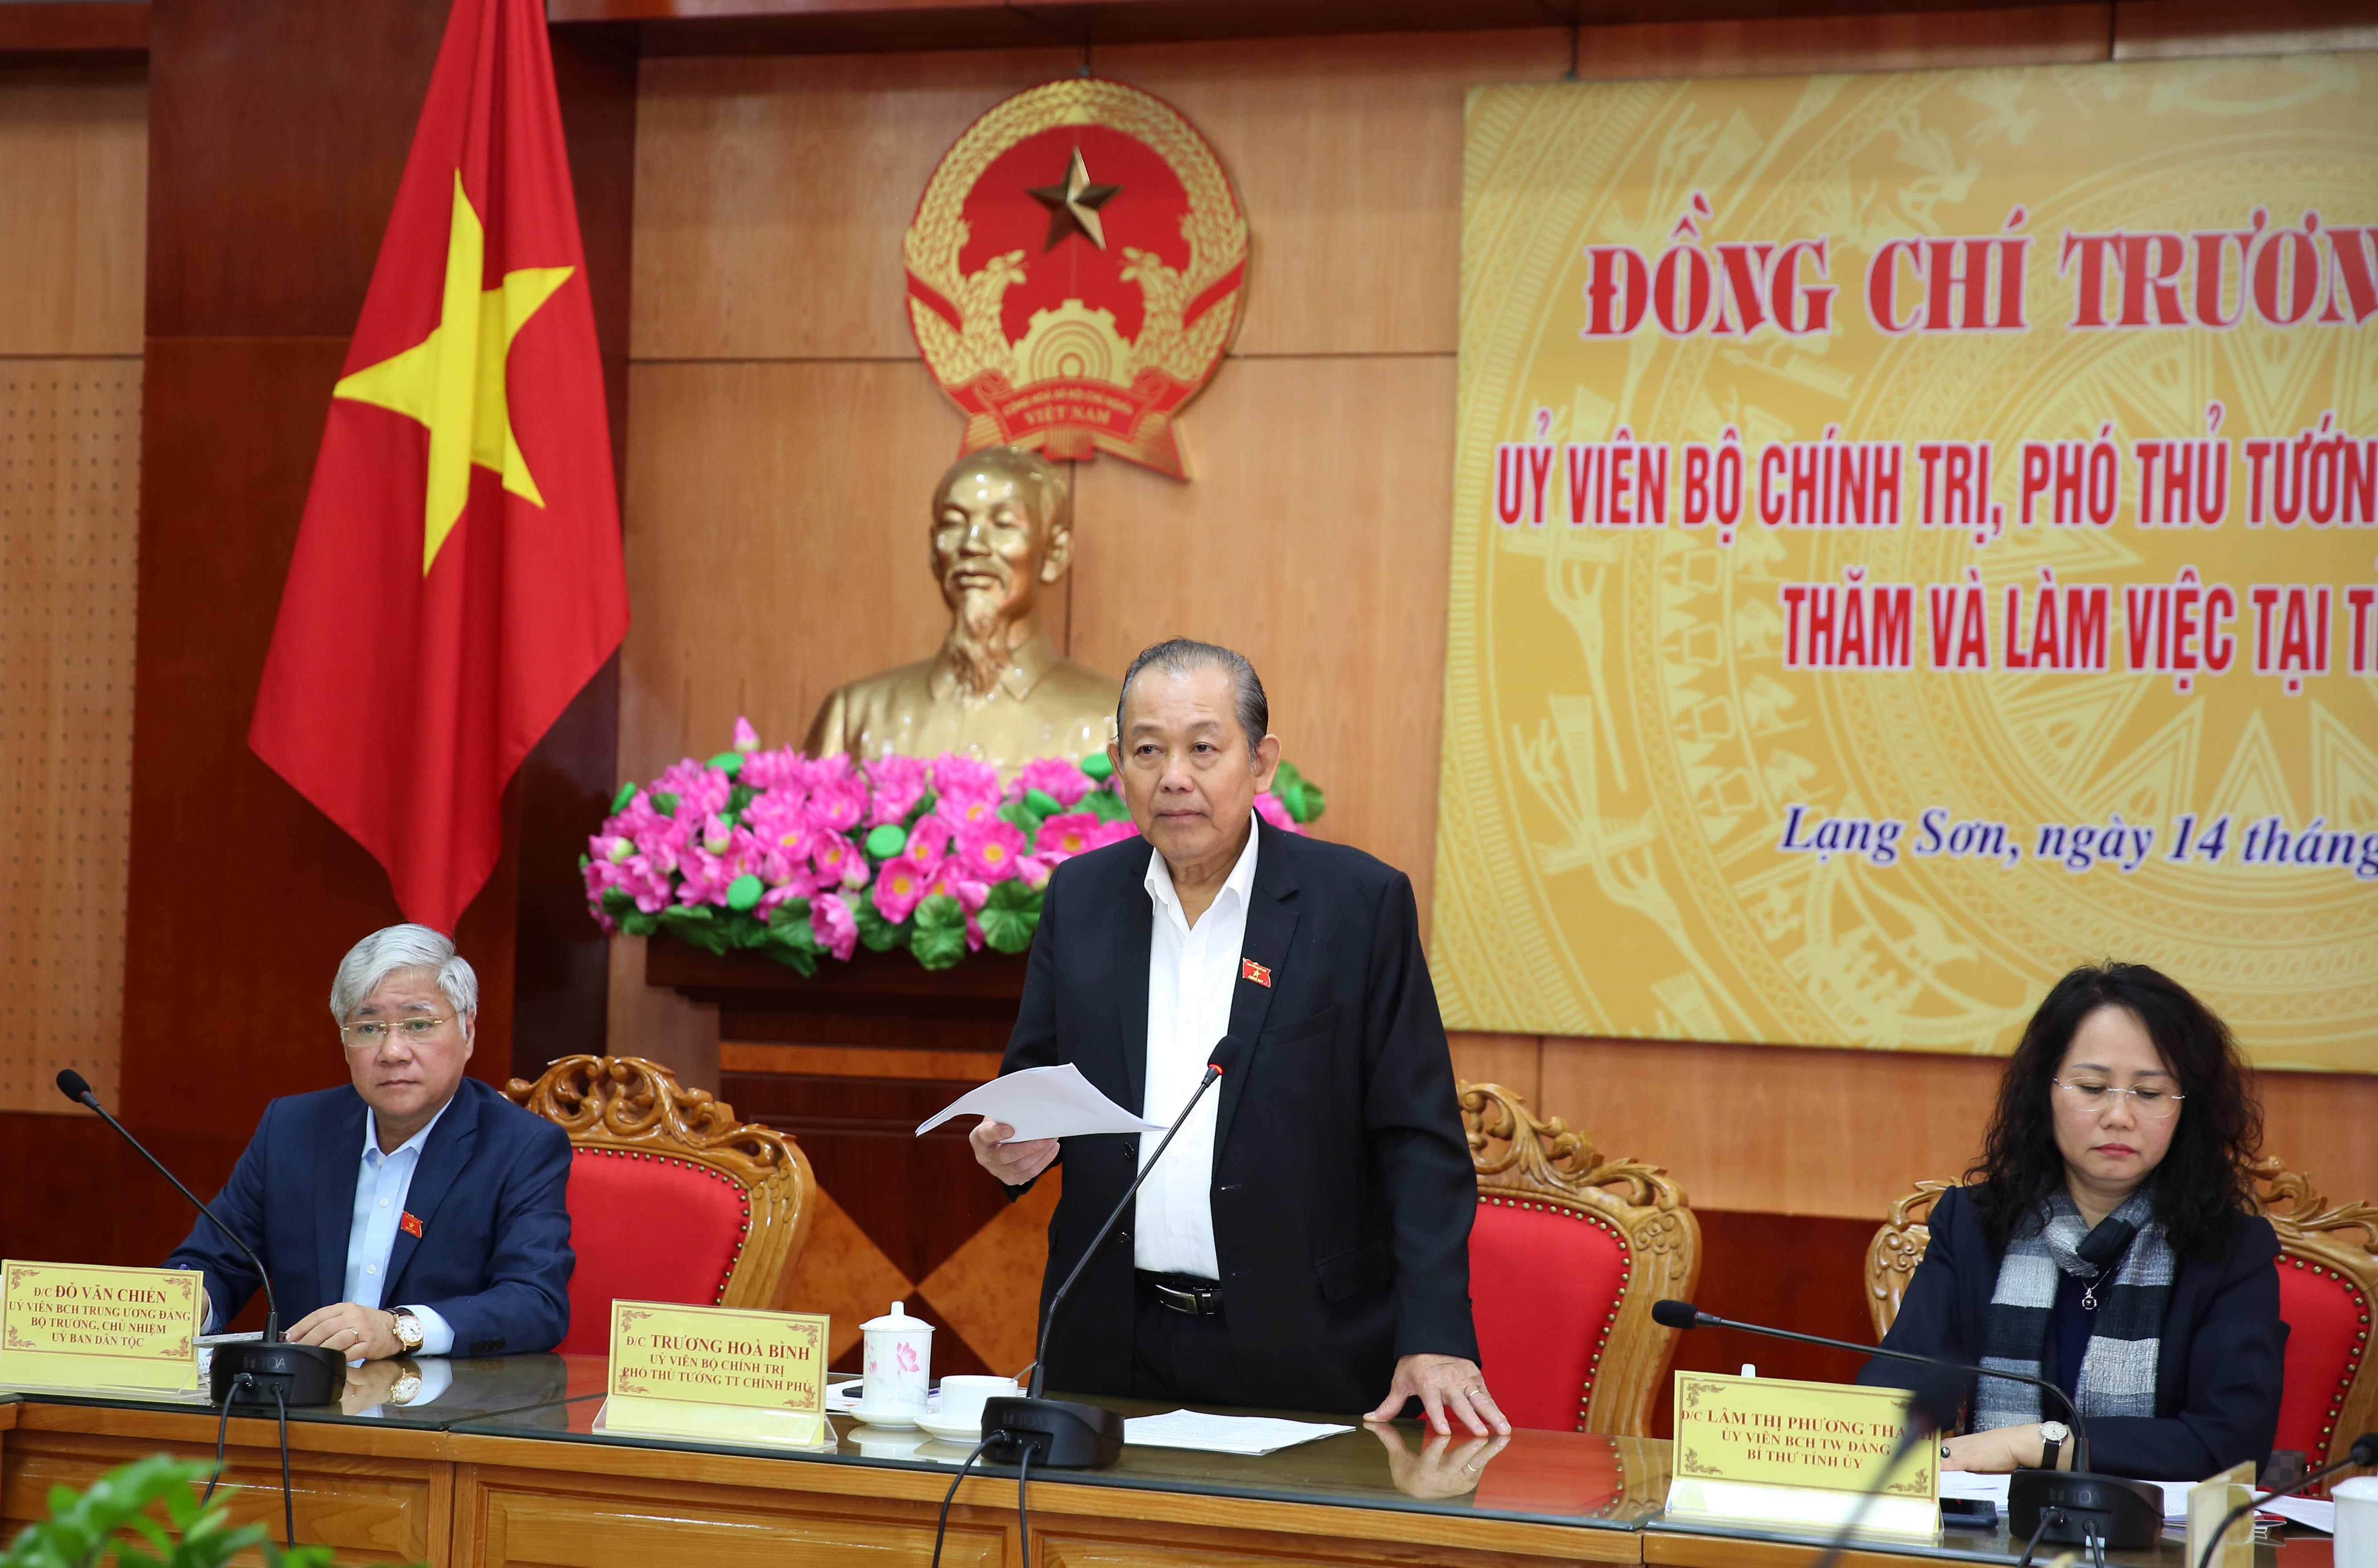 Phó Thủ tướng Thường trực Chính phủ Trương Hòa Bình phát biểu tại buổi làm việc. - Ảnh: VGP/Lê Sơn